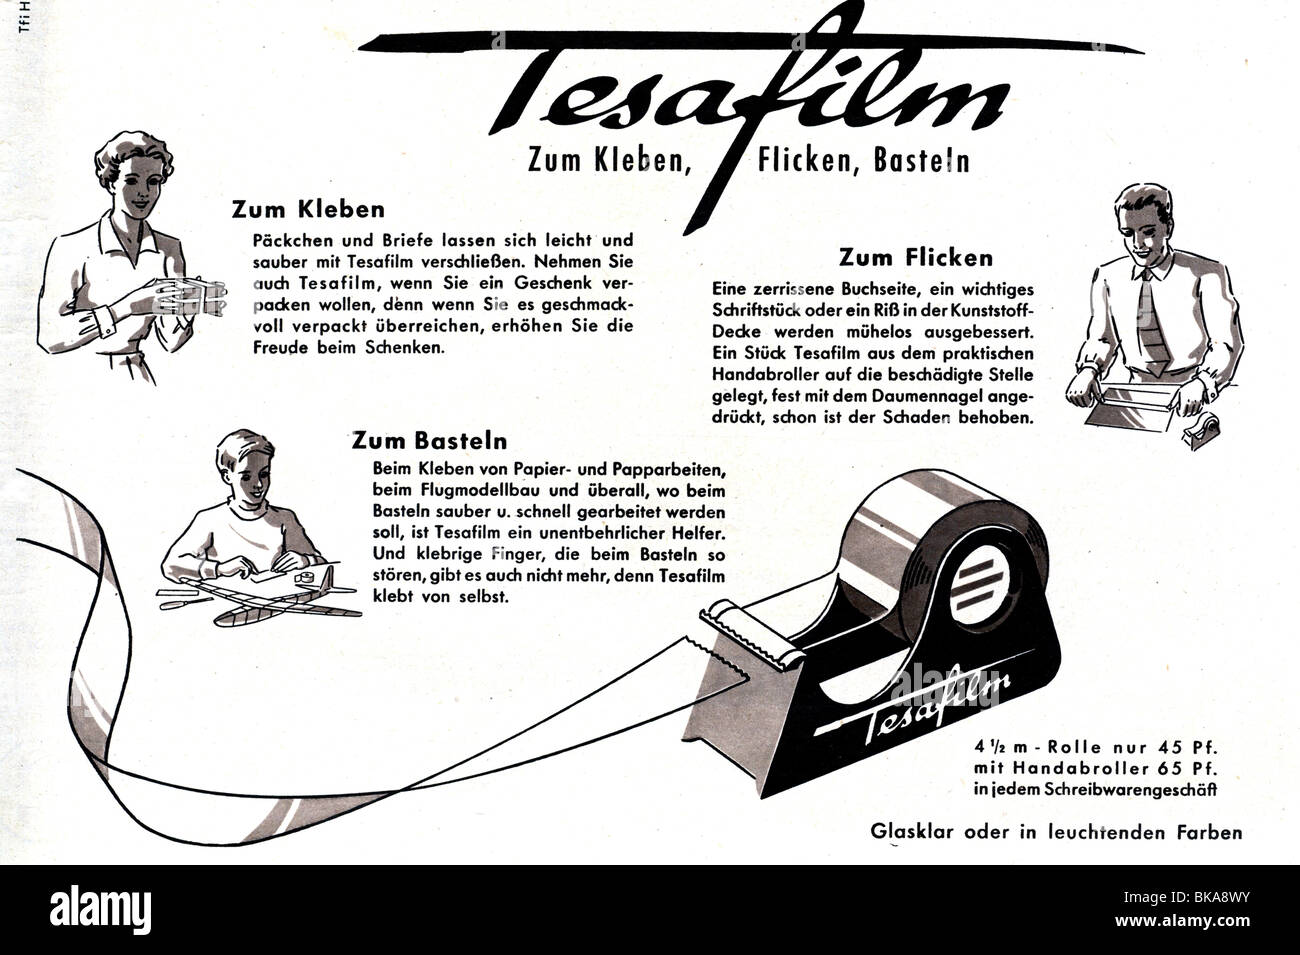 Tesa Deutschland werbung briefpapier tesa tesafilm werbung im magazin 1955